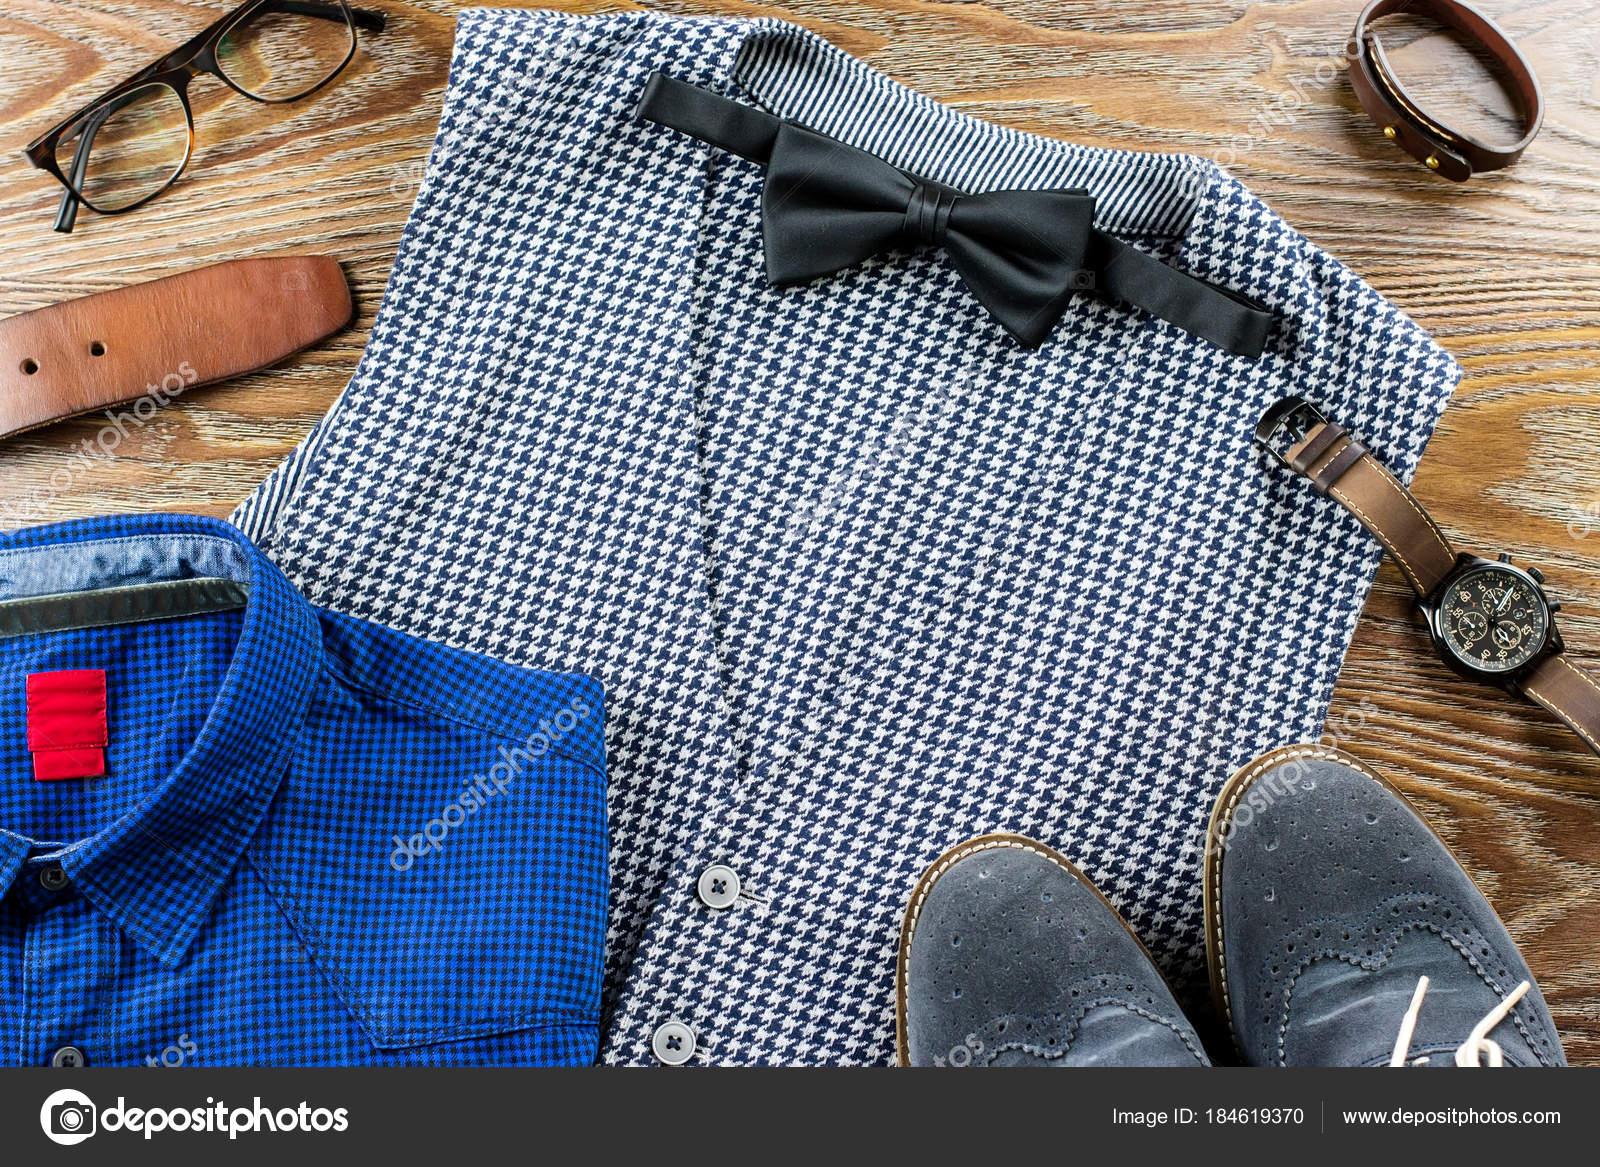 8cc7c54abfe1c Men clothes and accessories fashion set. Vest, bowtie, shirt, shoes on  wooden background.